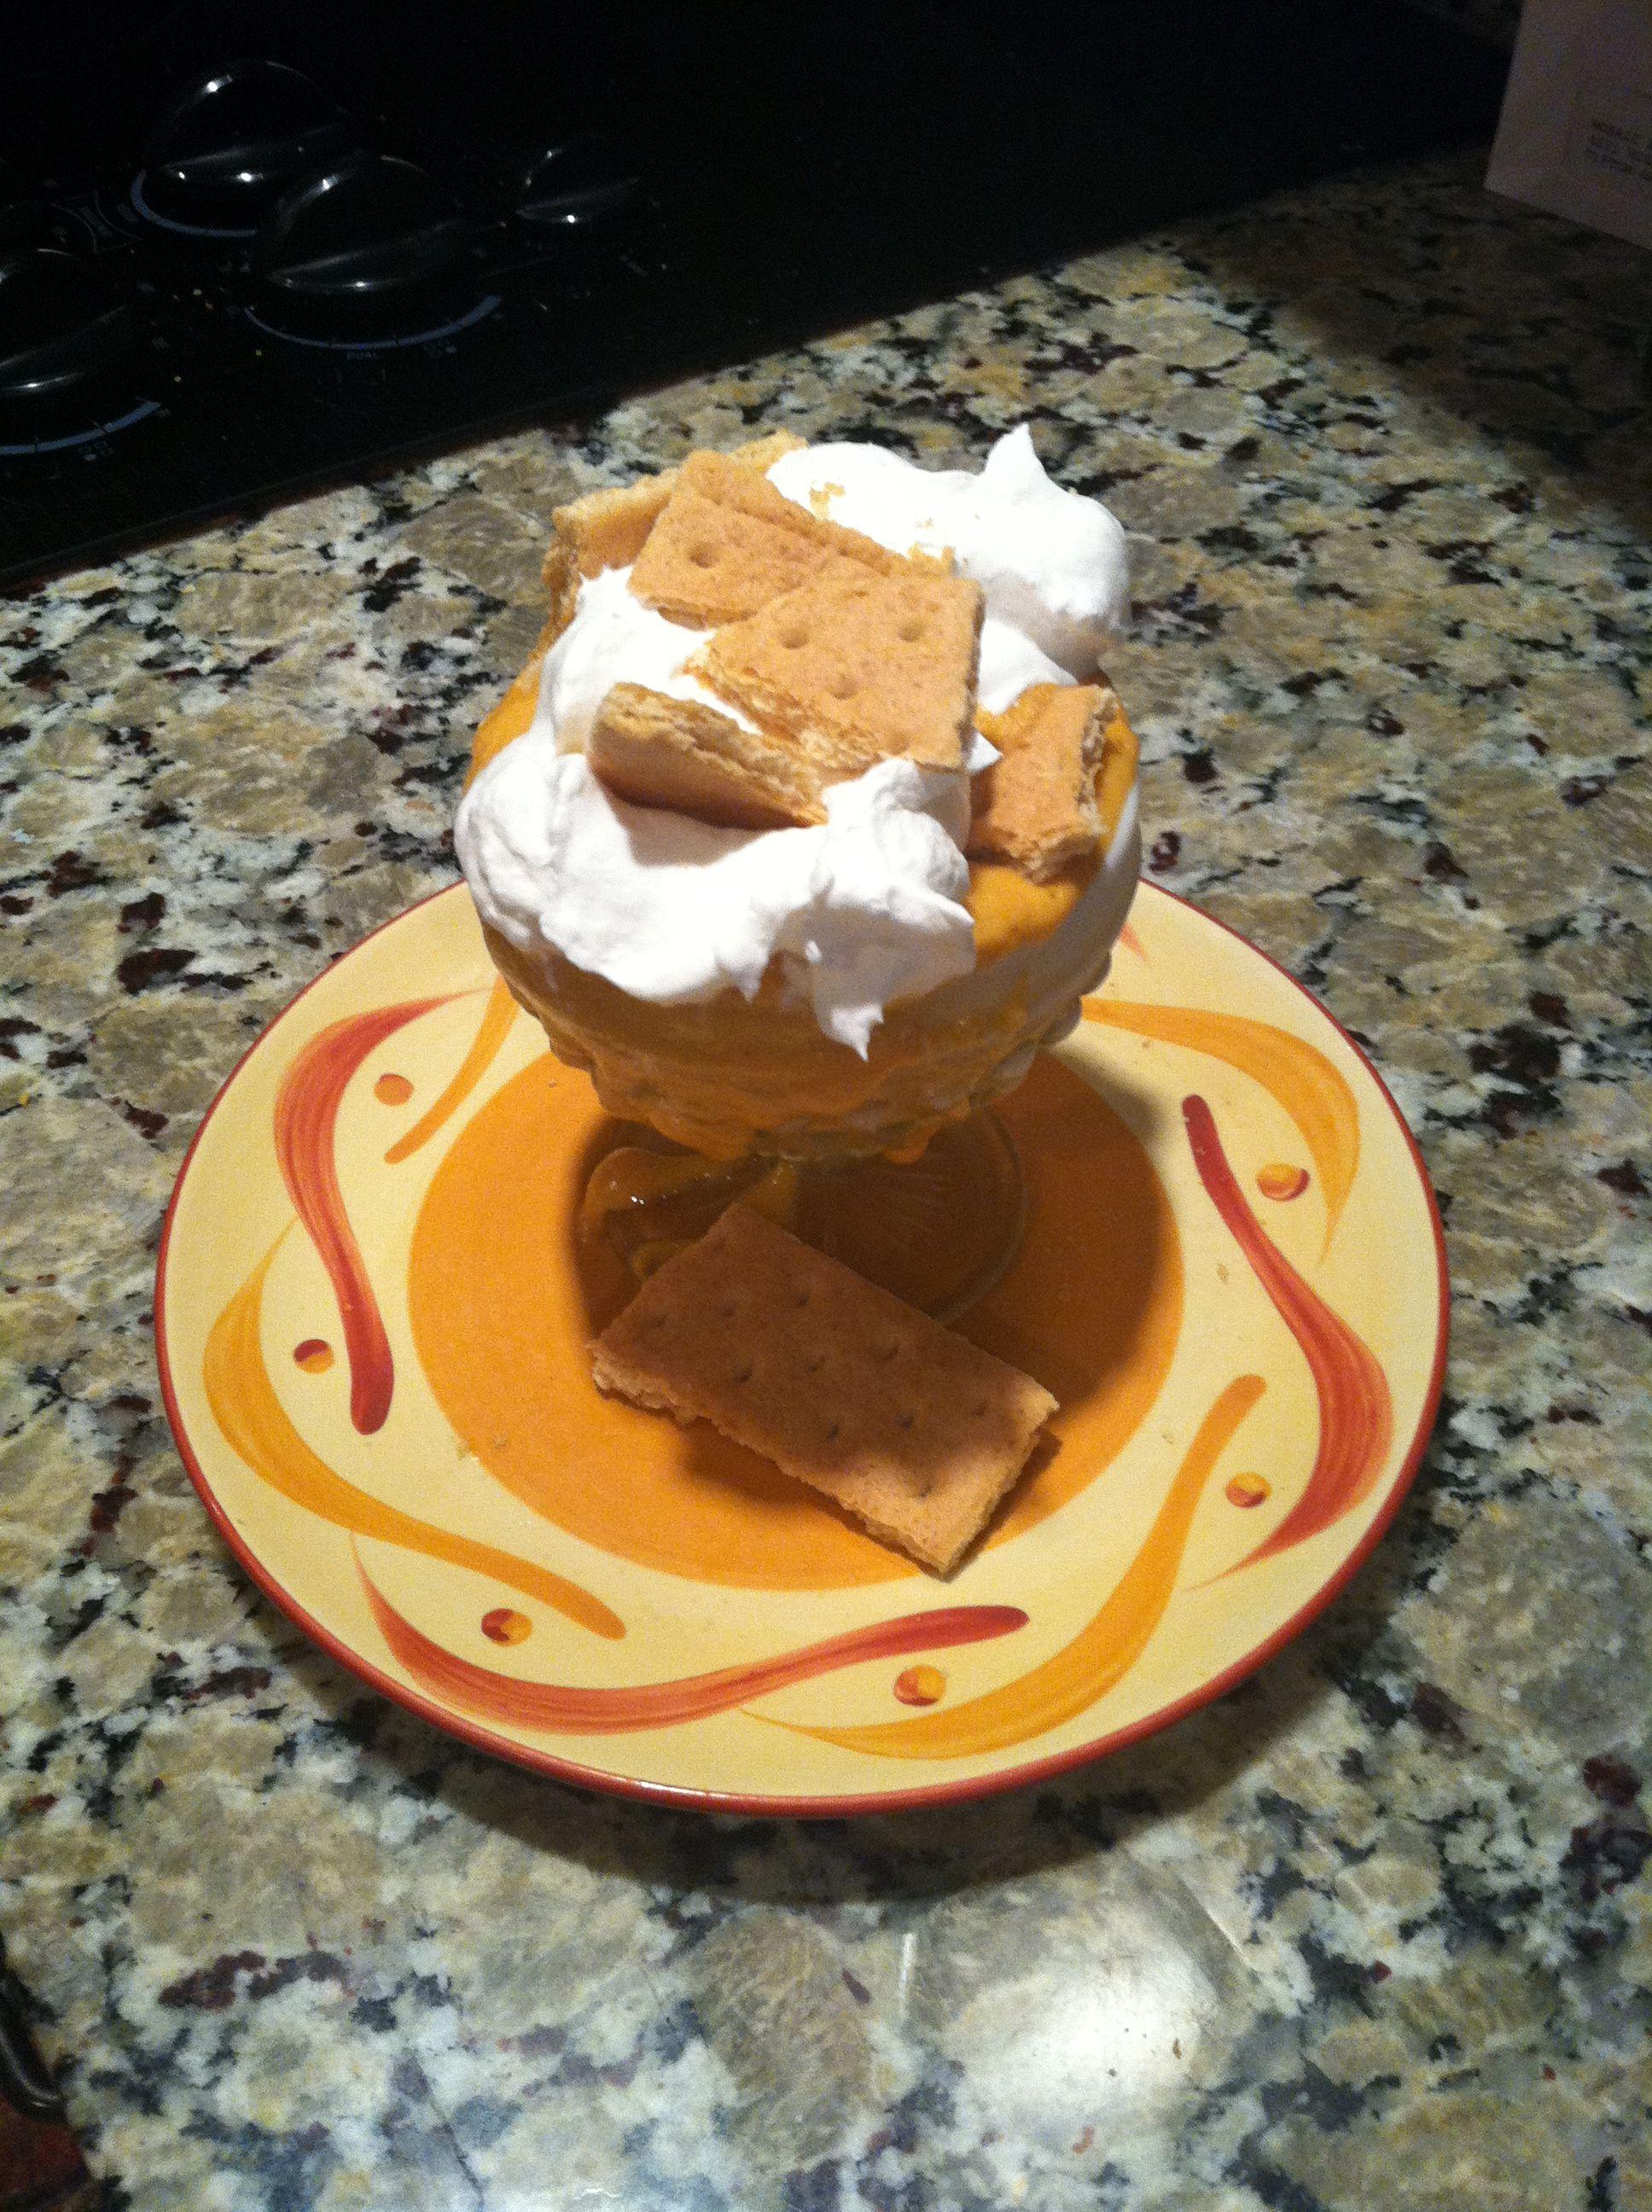 100 calorie pumpkin dessert: add a can of pumpkin, 1/4 cup cottage